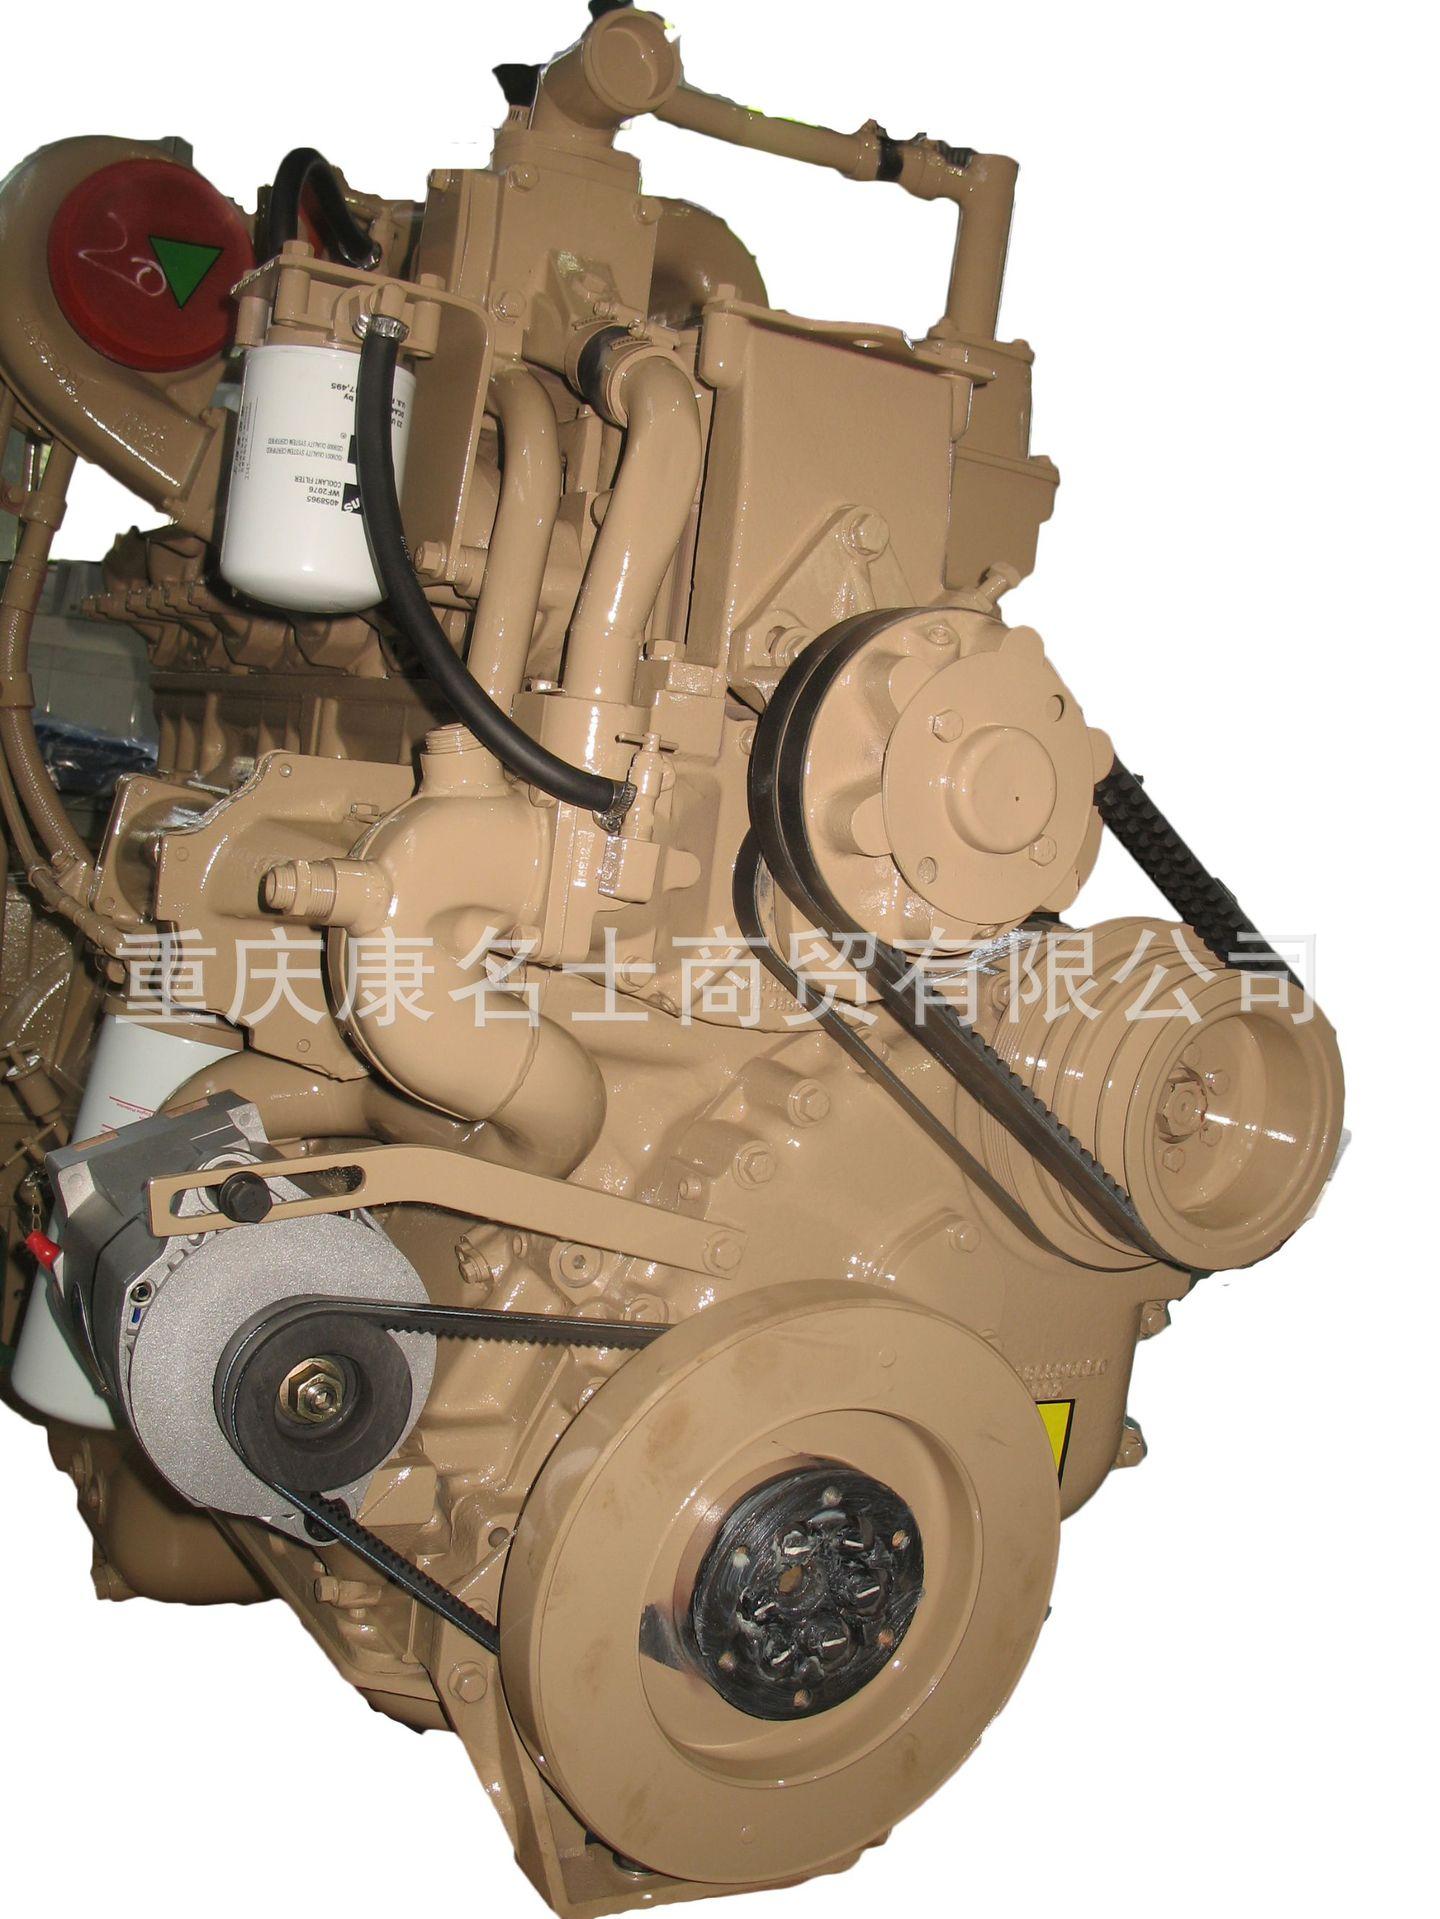 5364171康明斯曲轴箱通风管6BTAA6.7E发动机配件厂价优惠